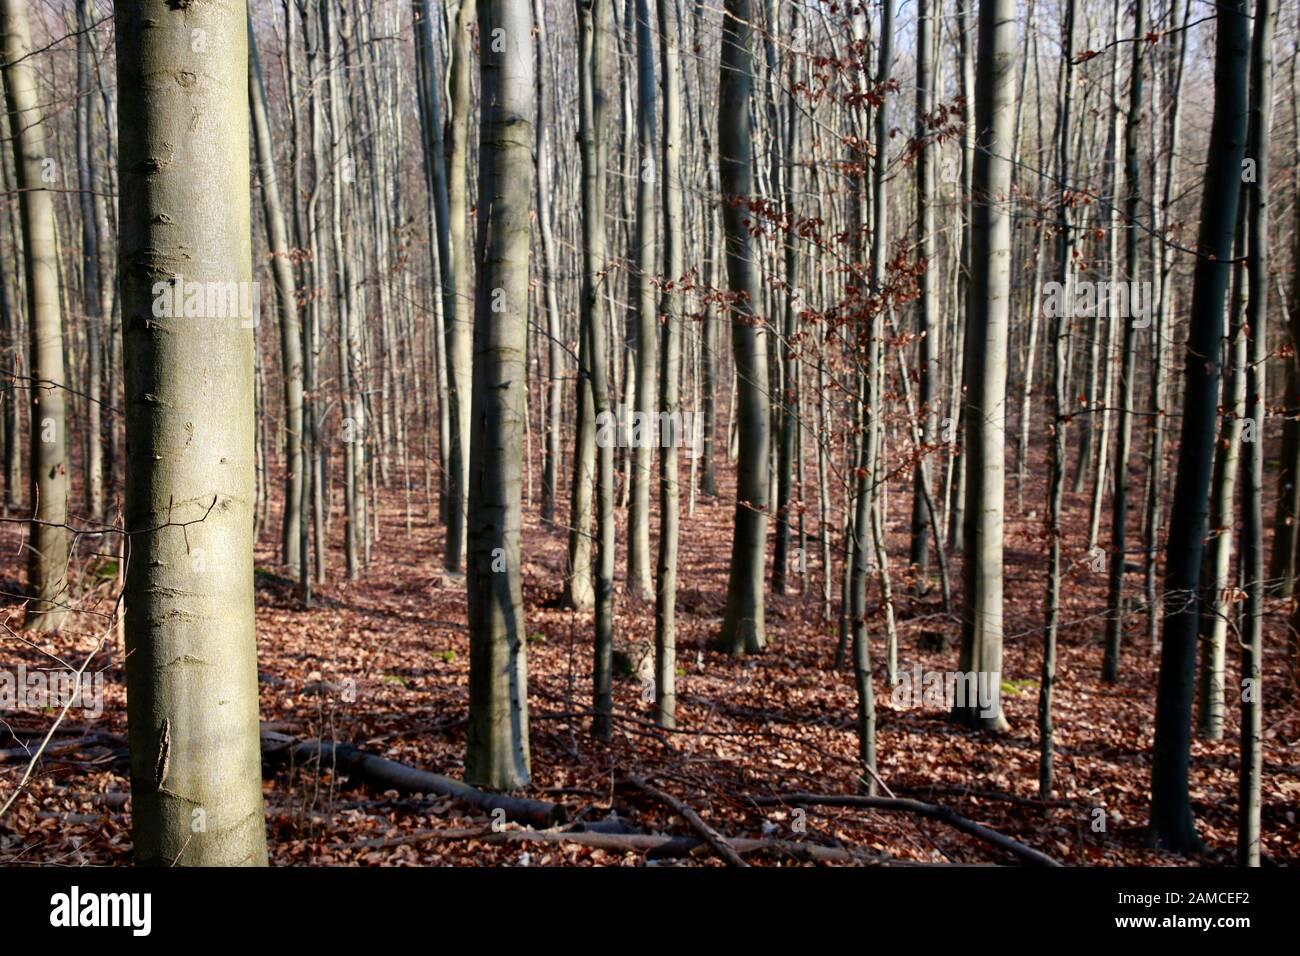 Buchen-Wald im Naturpark Kottenforst-Ville, Brühl, Nordrhein-Westfalen, Deutschland Stock Photo